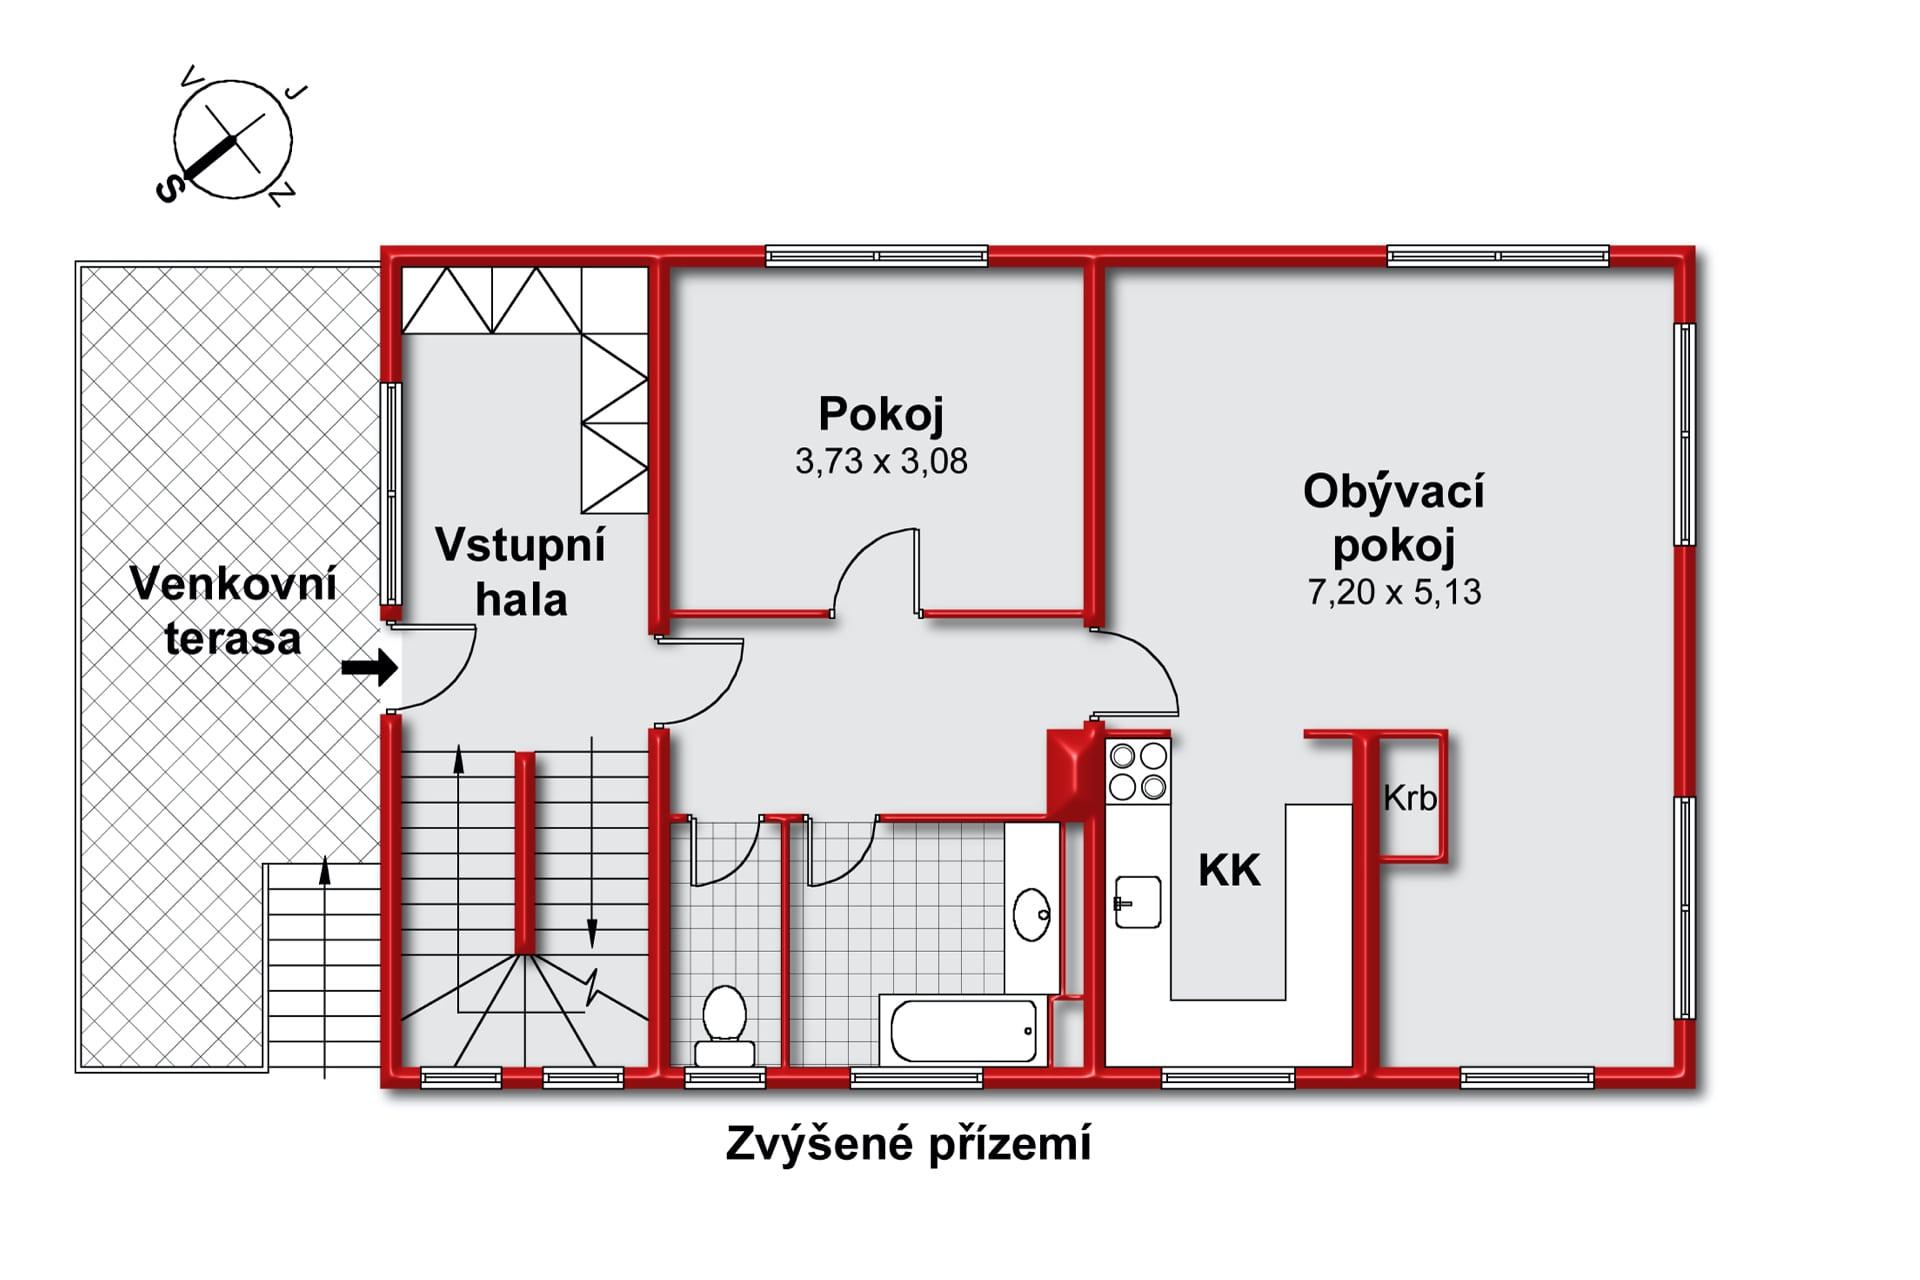 Půdorys domu s velkým pozemkem - Benešovsko